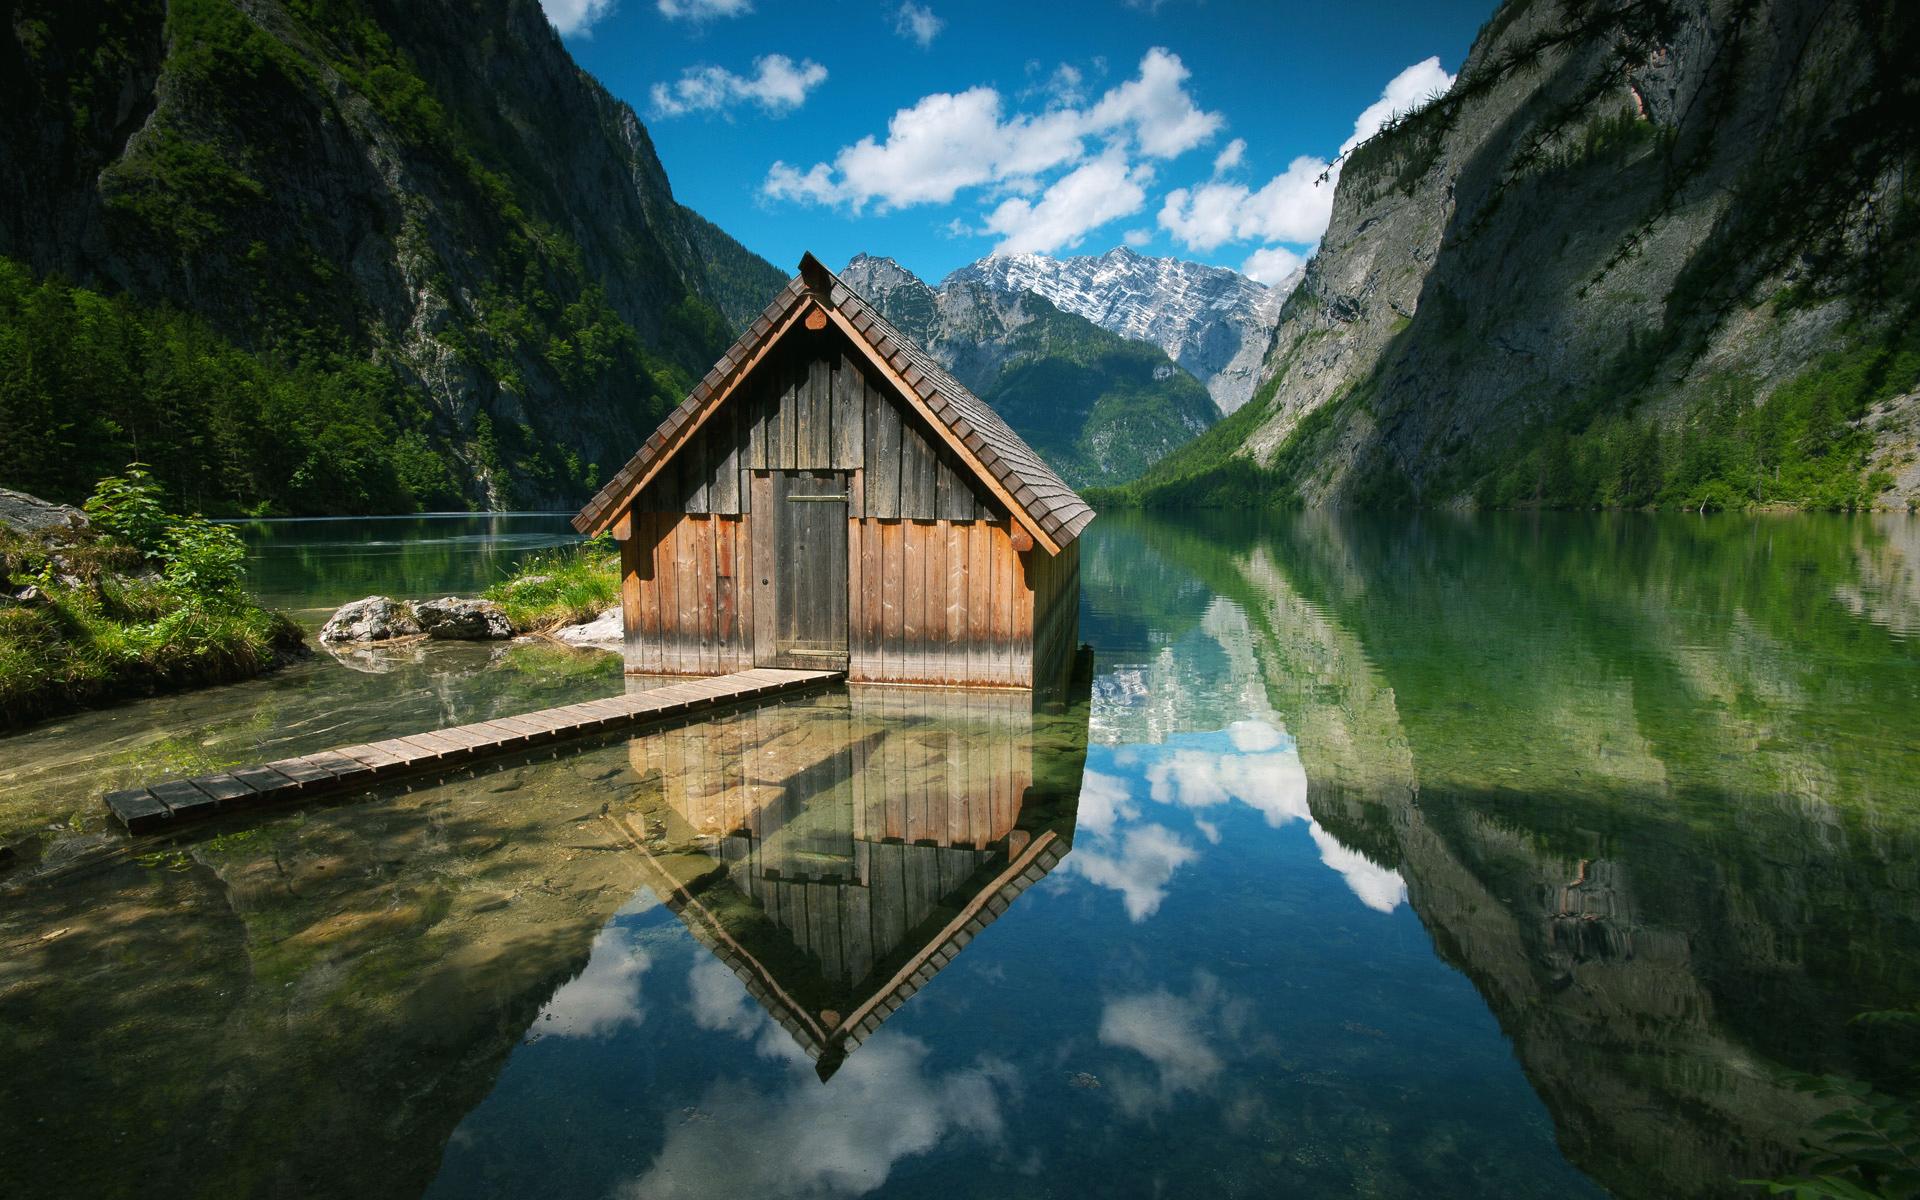 дома озеро горы скачать